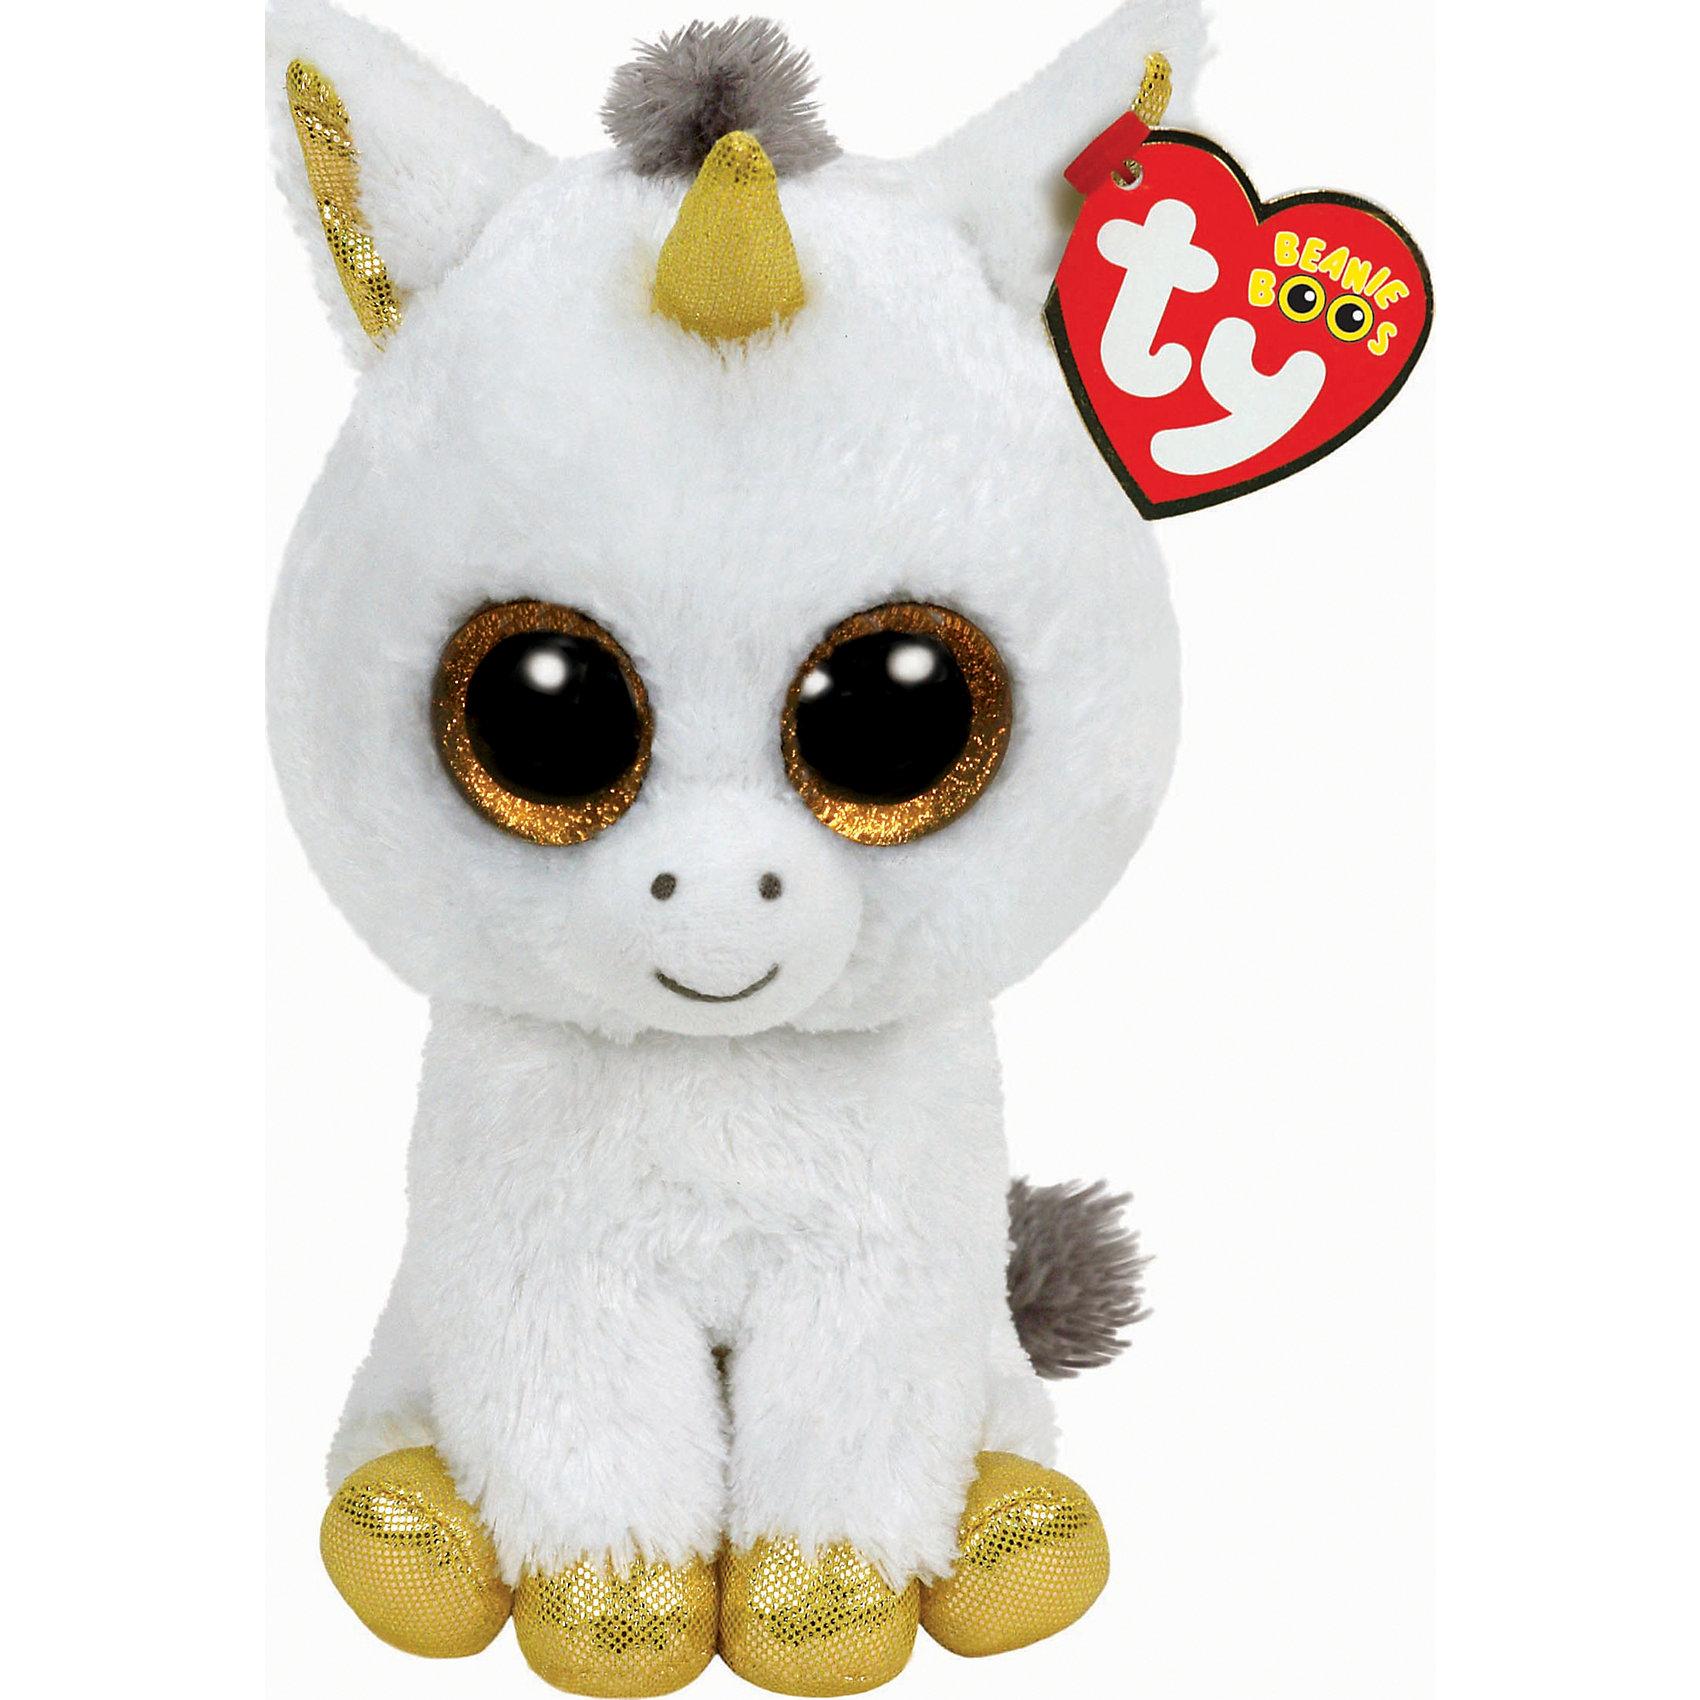 Единорог Pegasus, 15,24 смМягкие игрушки животные<br>Единорог Pegasus, 15,24 см – игрушка от бренда TY Inc (ТАЙ Инкорпорейтед), знаменитого своими мягкими игрушками, в качестве наполнителя для которых используются гранулы. Единорог выполнен из качественного и гипоаллергенного плюша с ворсом средней длины белого и золотистого цветов. Используемые материалы делают игрушку прочной, устойчивой к изменению цвета и формы, ее разрешается стирать.<br>Единорог Pegasus, 15,24 см TY Inc непременно станет любимой игрушкой для вашего ребенка, а уникальный наполнитель будет способствовать  не  только развитию мелкой моторики пальцев, но и оказывать релаксирующее воздействие.<br><br>Дополнительная информация:<br><br>- Вид игр: сюжетно-ролевые игры, интерьерные игрушки, для коллекционирования<br>- Предназначение: для дома<br>- Материал: искусственный мех, пластик, наполнитель ? гранулы<br>- Высота: 15, 24 см<br>- Особенности ухода: разрешается стирка<br>Подробнее:<br><br>• Для детей в возрасте: от 3 лет <br>• Страна производитель: Китай<br>• Торговый бренд: TY Inc <br><br>Единорога Pegasus, 15,24 см можно купить в нашем интернет-магазине.<br><br>Ширина мм: 9999<br>Глубина мм: 9999<br>Высота мм: 9999<br>Вес г: 9999<br>Возраст от месяцев: 36<br>Возраст до месяцев: 2147483647<br>Пол: Унисекс<br>Возраст: Детский<br>SKU: 4936259